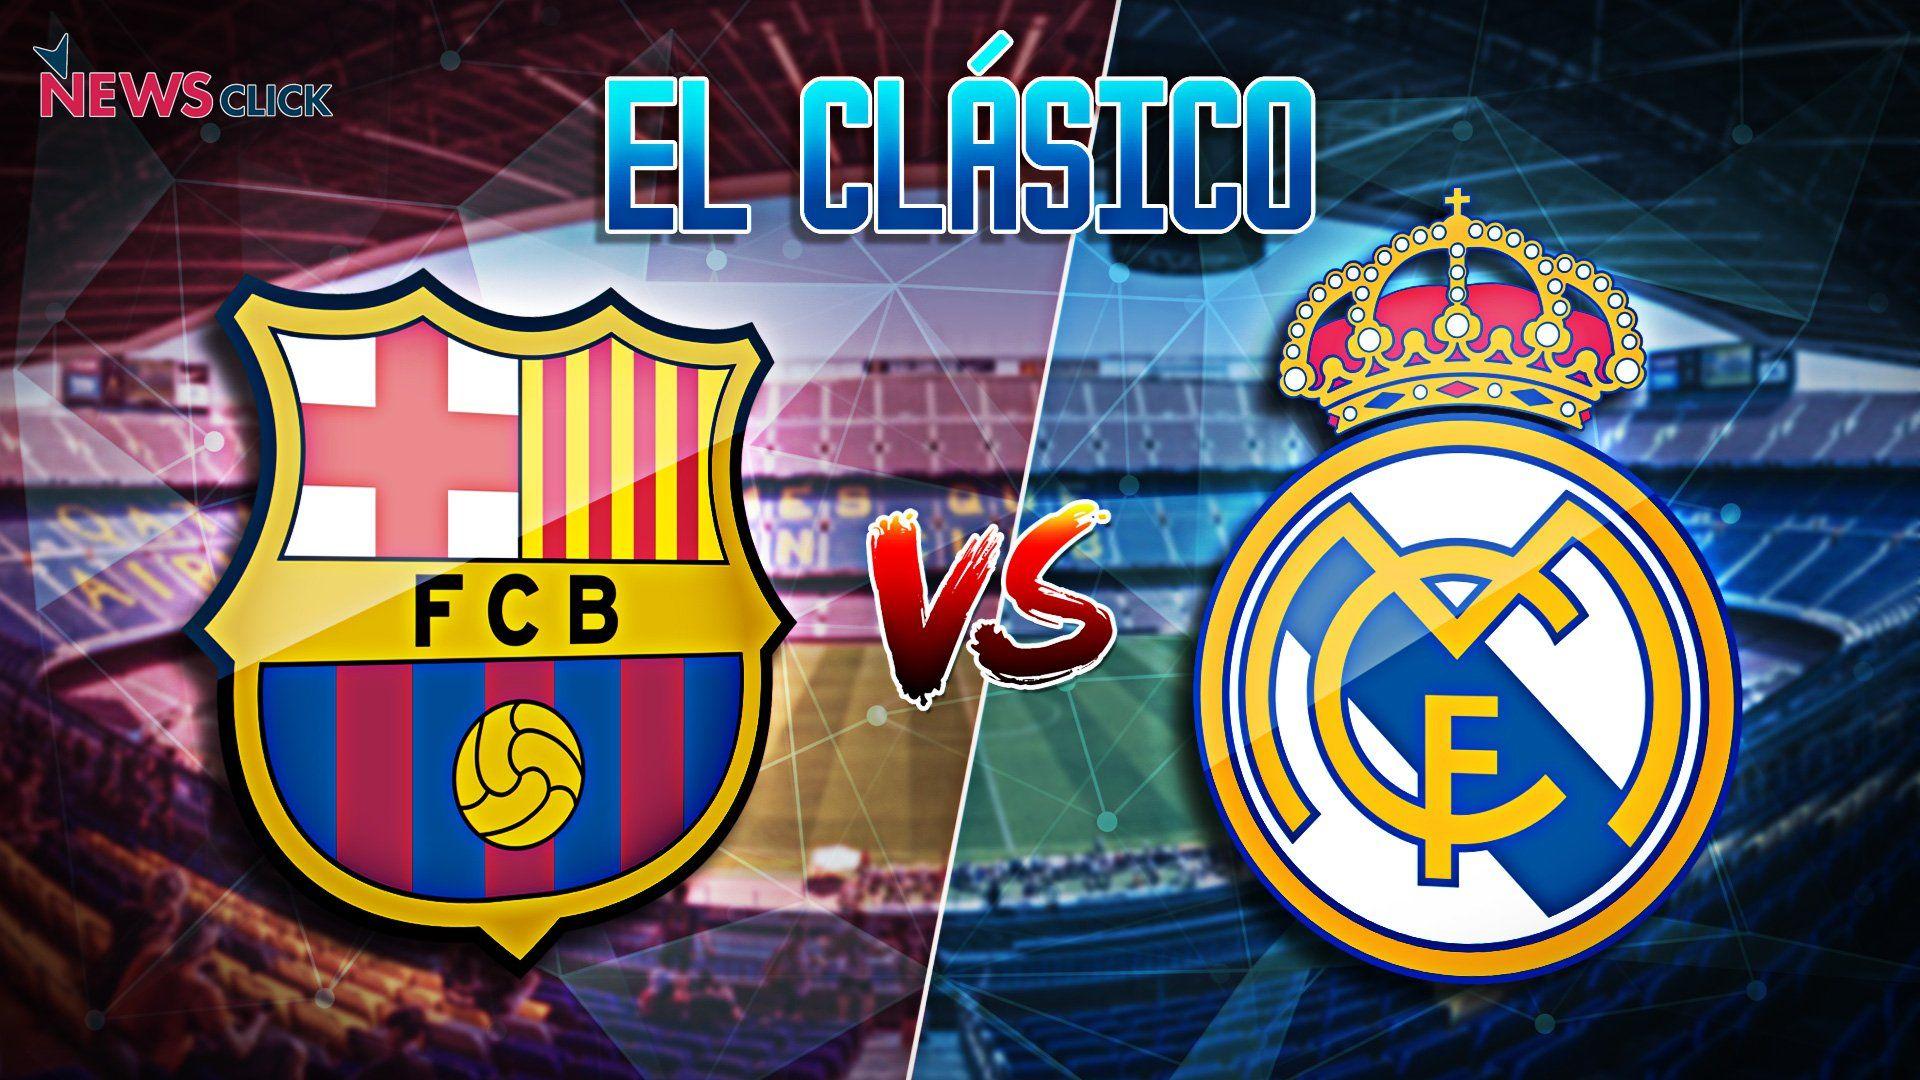 Fcb Vs Real Madrid Wallpaper Hd Football Madrid Wallpaper Real Madrid Wallpapers Barcelona Vs Real Madrid